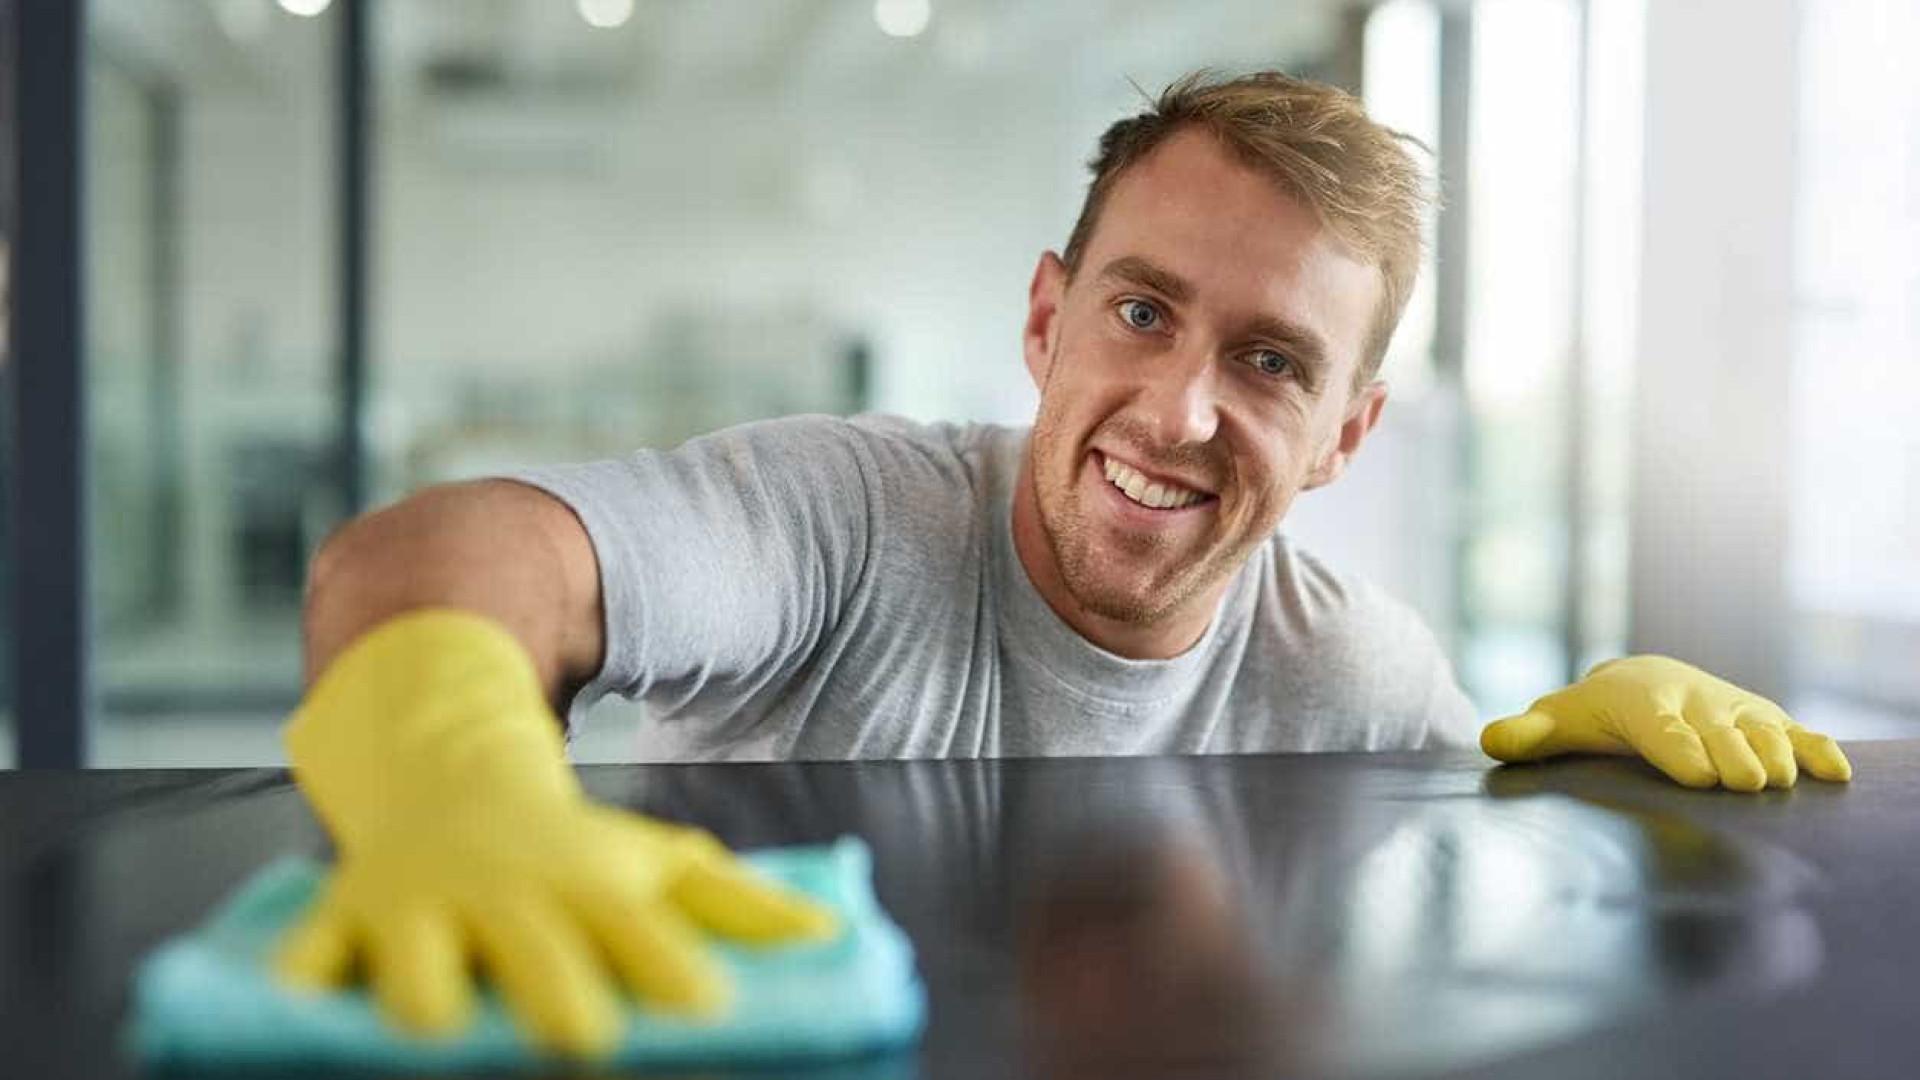 30 dicas de limpeza que podem facilitar sua vida